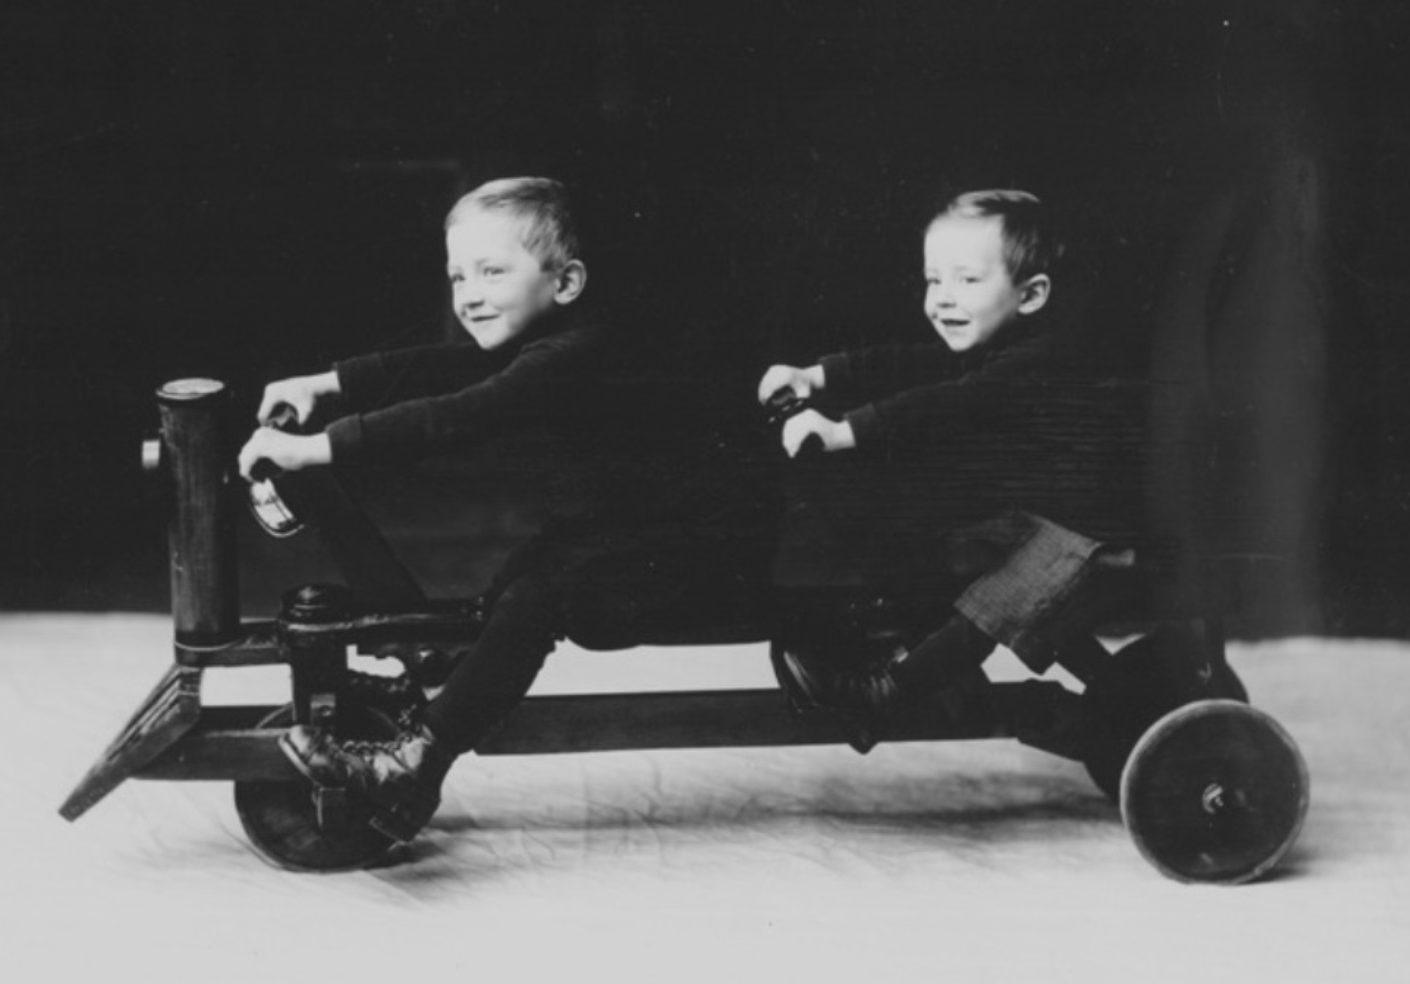 Photo ancienne noir et blanc avec 2 petits enfants souriants assis sur une voiturette à 3 roues avec 2 guidons.